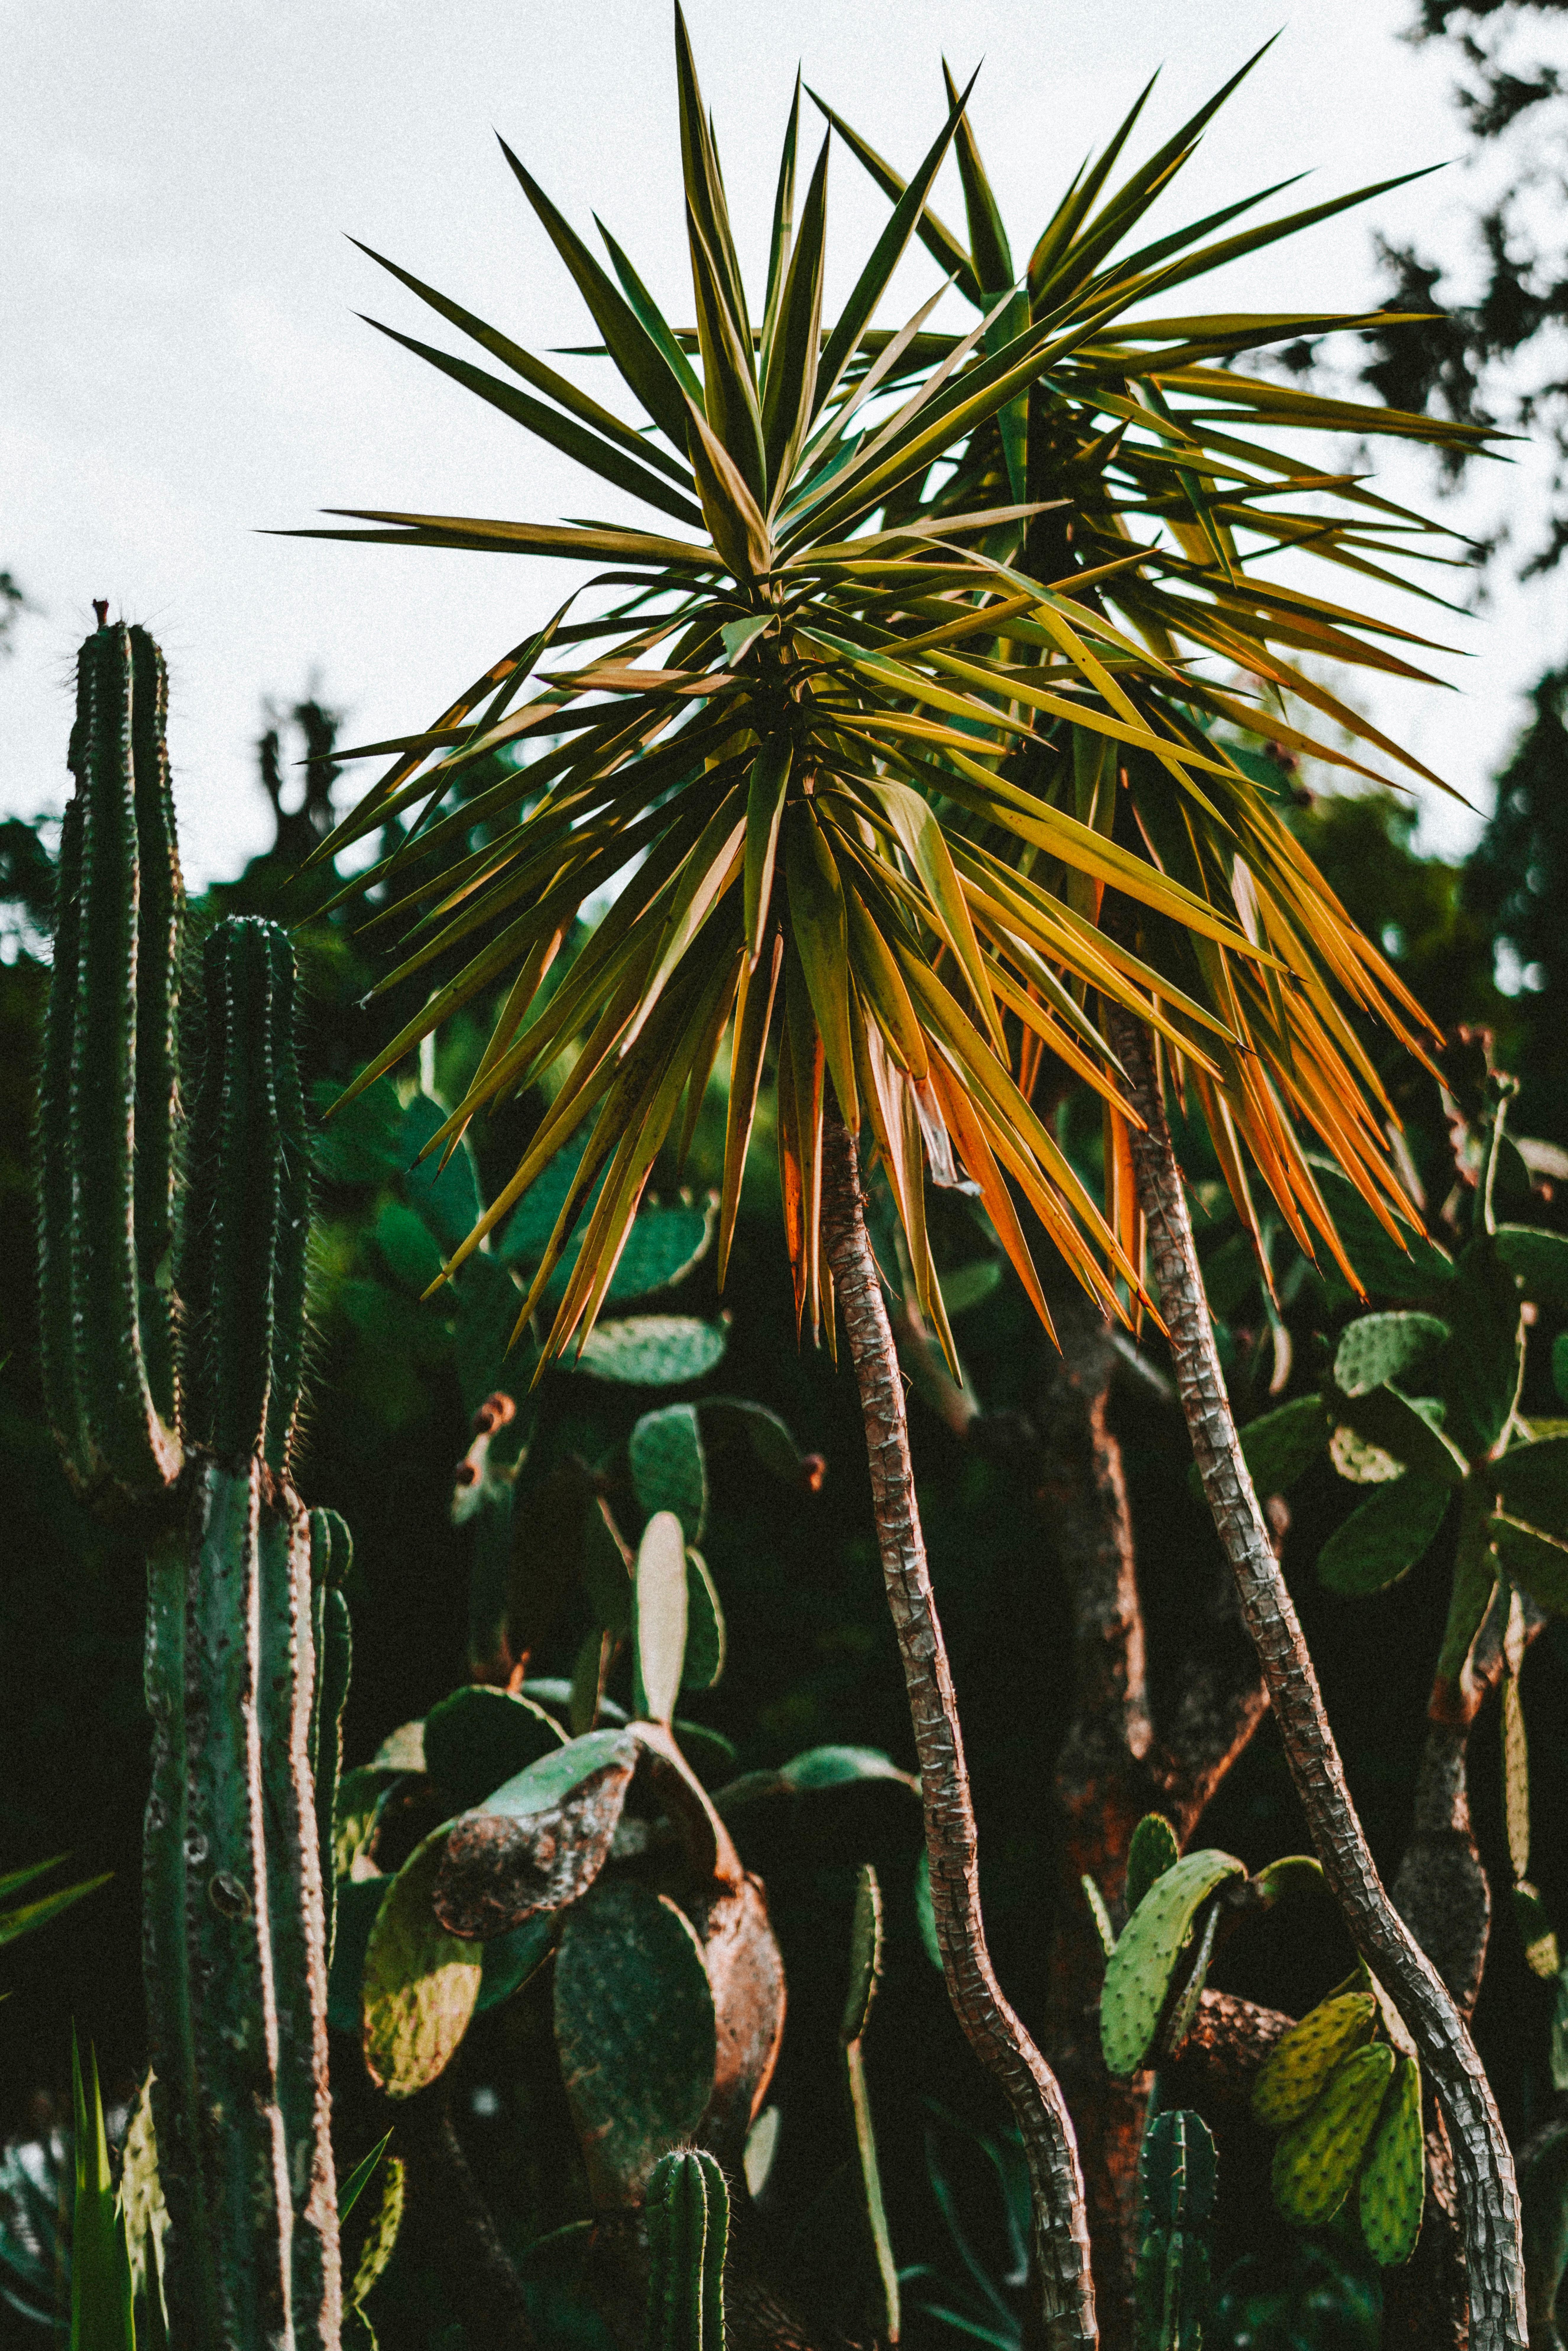 88020 Заставки и Обои Кактусы на телефон. Скачать Растения, Природа, Кактусы, Пальмы, Зеленый, Экзотический картинки бесплатно